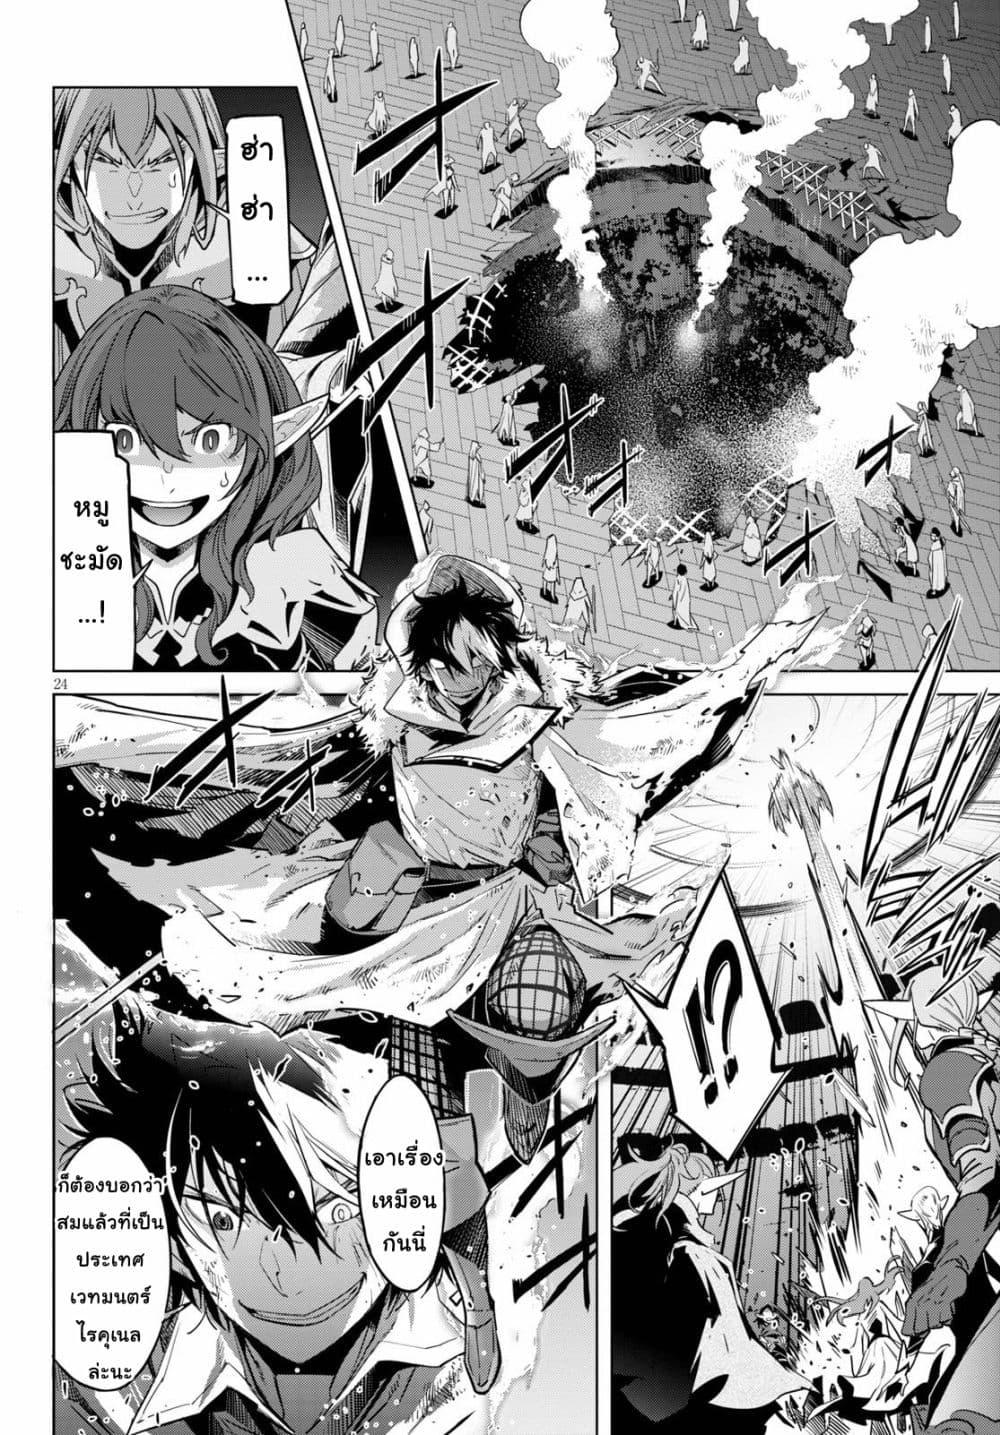 อ่านการ์ตูน Game obu Familia - Family Senki ตอนที่ 21 หน้าที่ 25